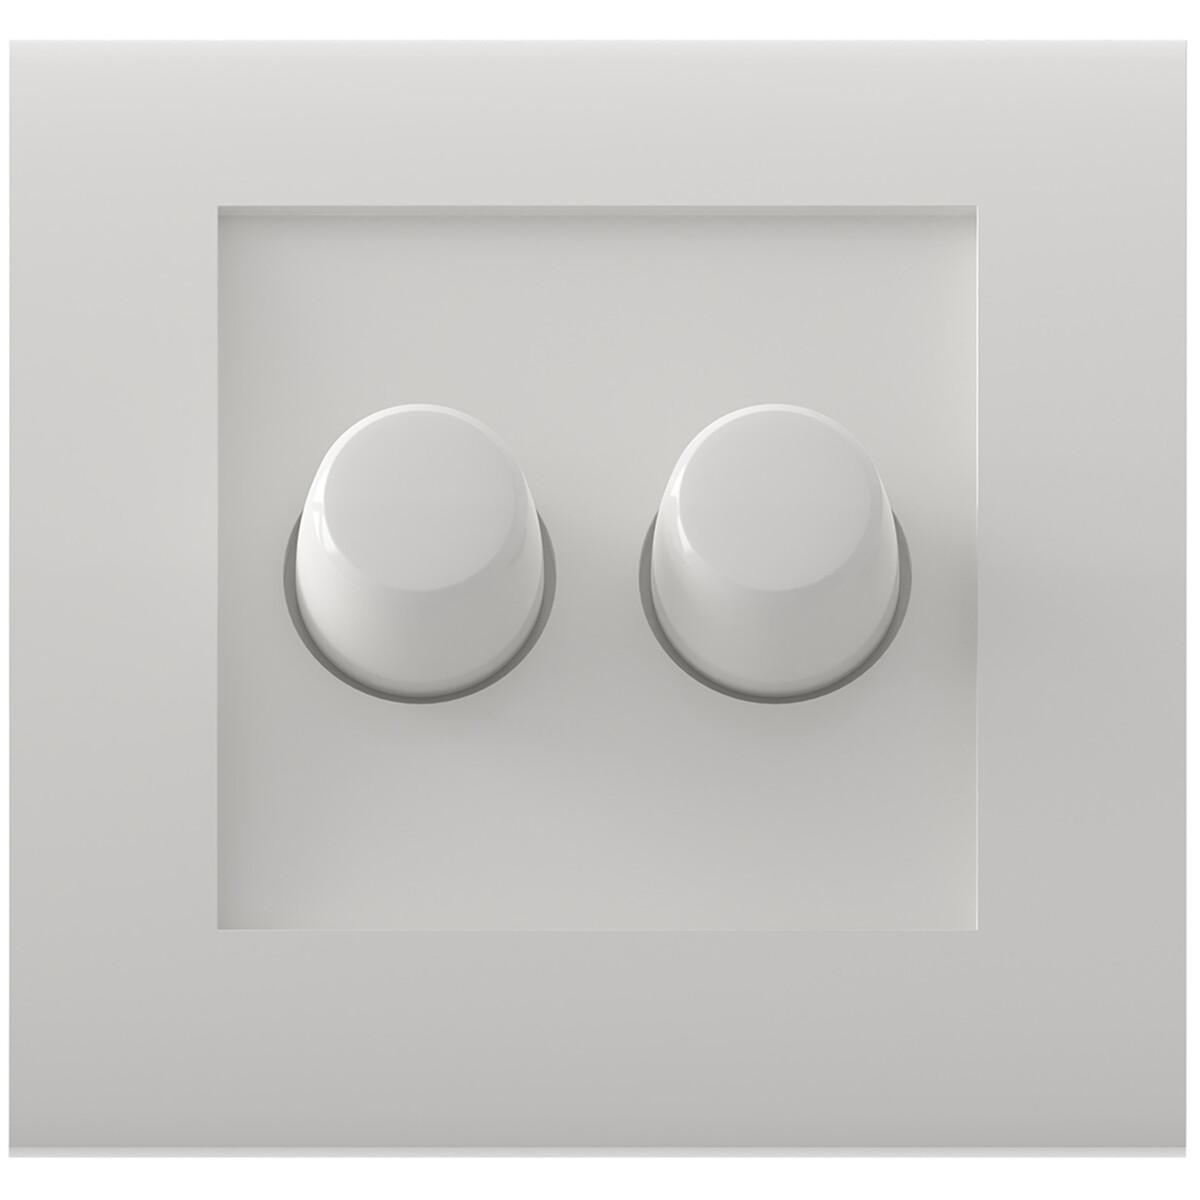 CALEX - LED DUO Dimmer - Dubbele Inbouwdimmer - Dubbel Knop - 3-70W - Incl. Afdekraam - Wit